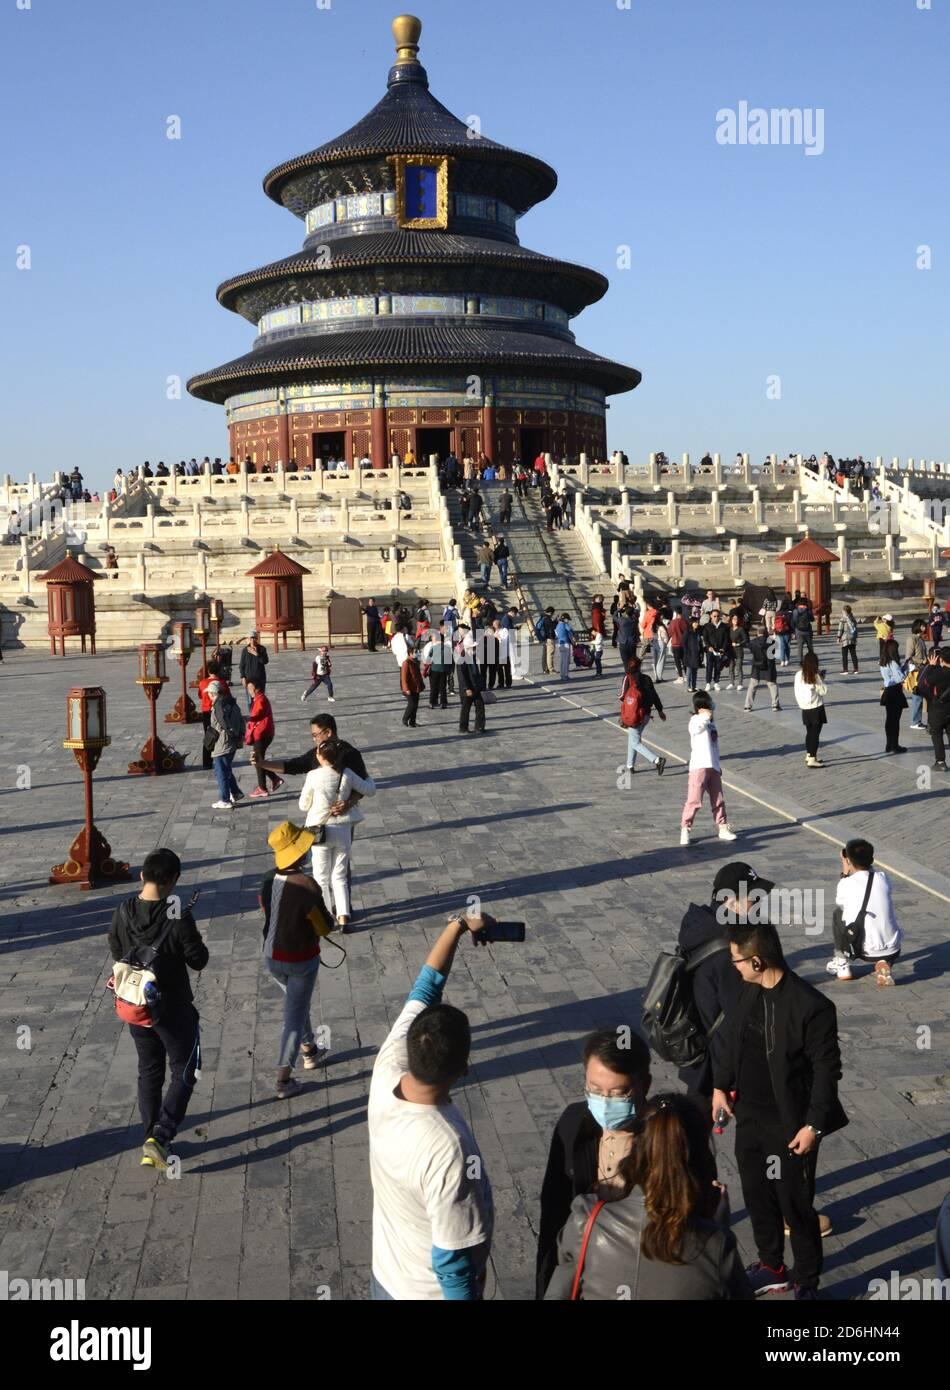 Pekín, China. 17 de octubre de 2020. La gente visita el Templo del Cielo en Beijng, capital de China, 17 de octubre de 2020. Crédito: Li Xin/Xinhua/Alamy Live News Foto de stock